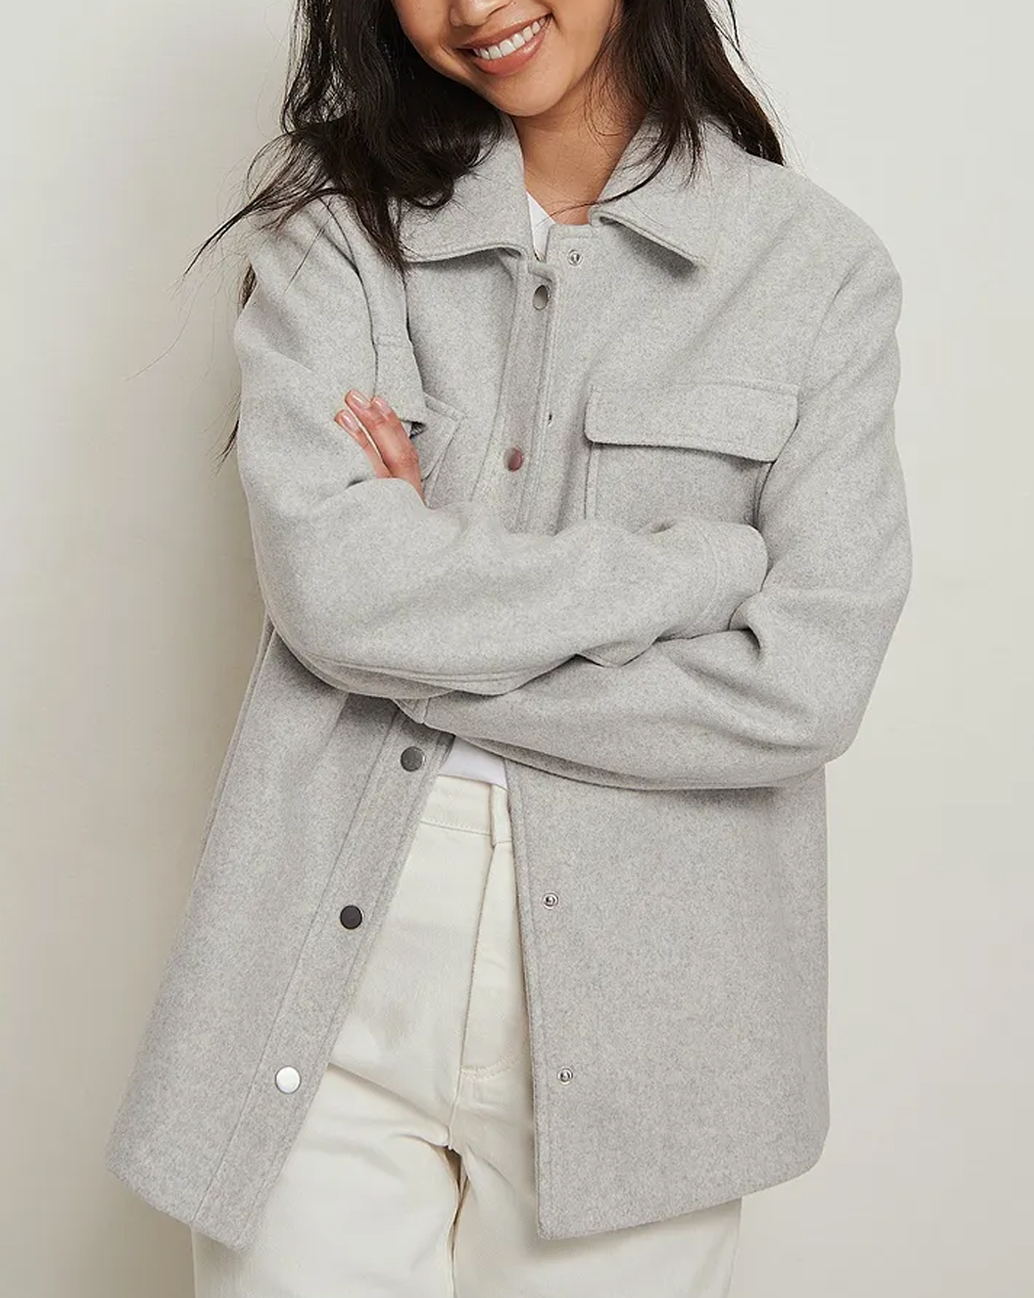 grey overshirt women 2021